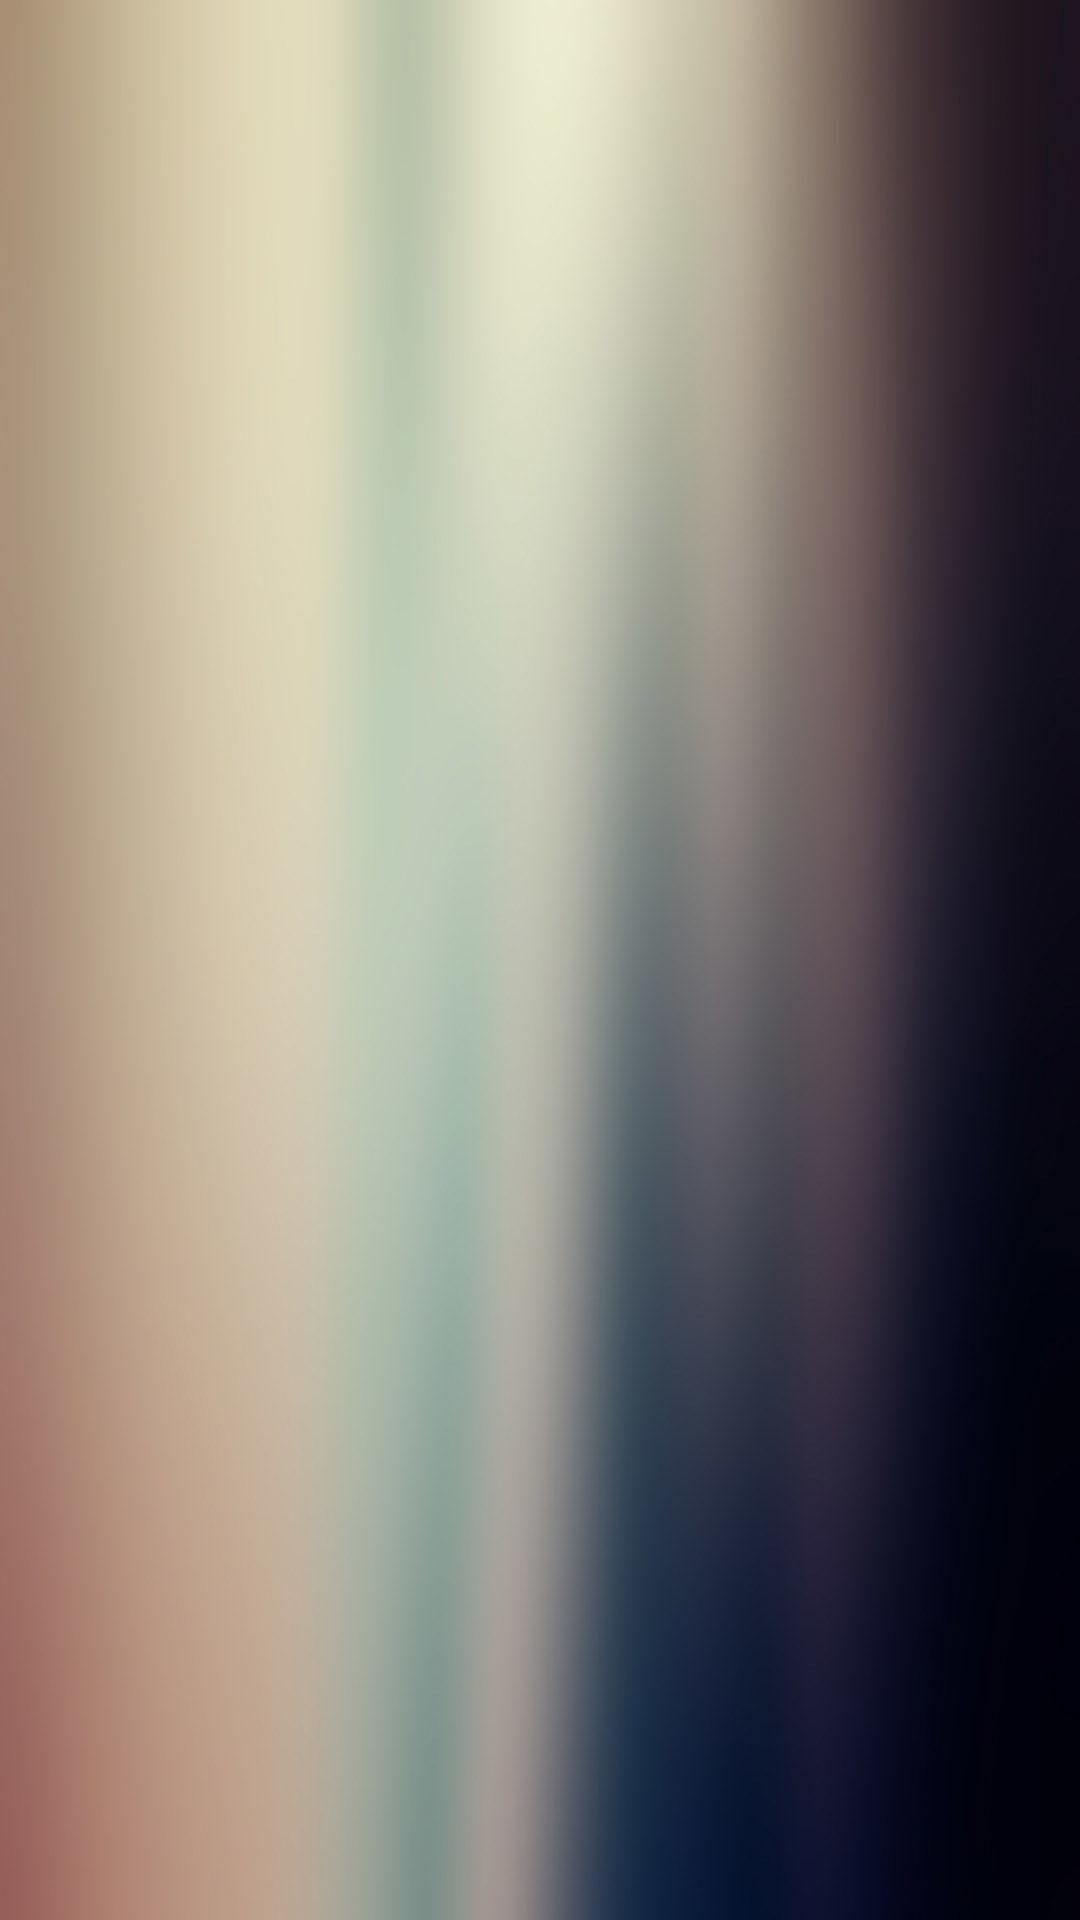 Iphone wallpaper ultralinx - Iphone 6 Wallpaper 4 Download